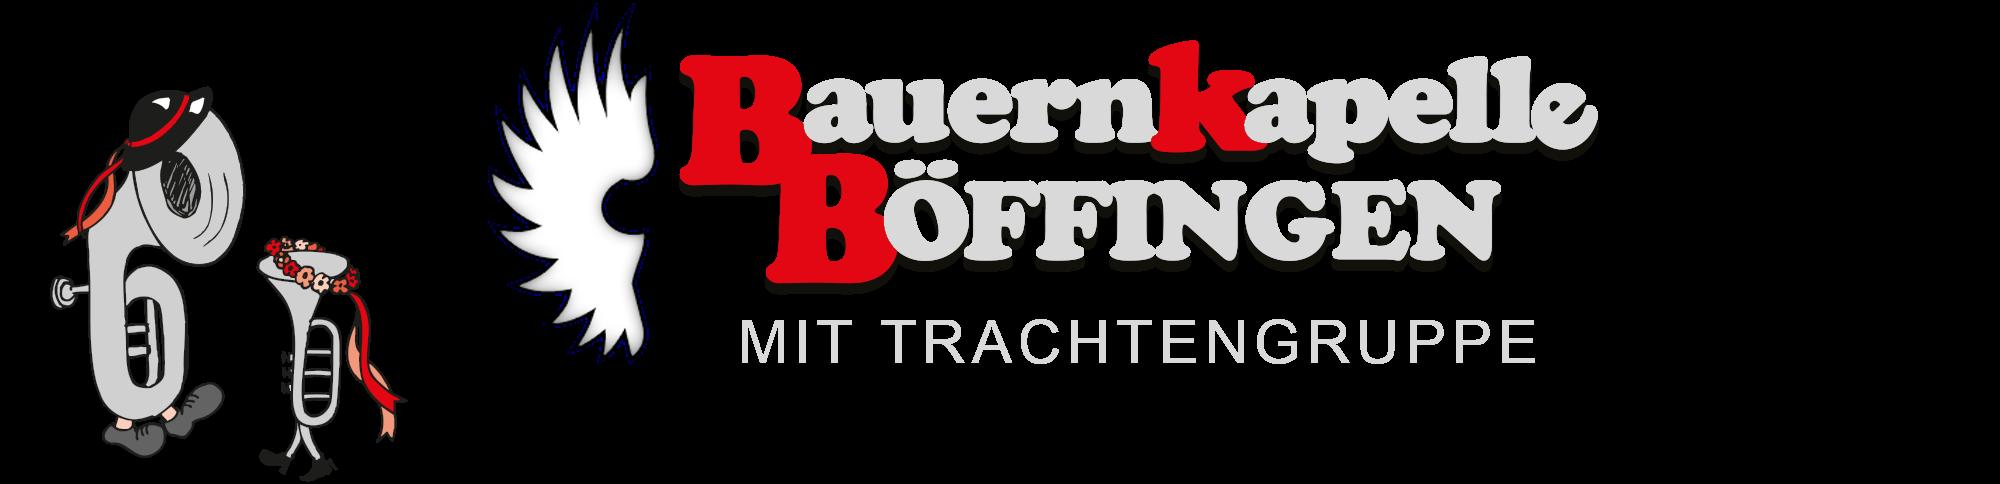 Bauernkapelle Böffingen e.V.